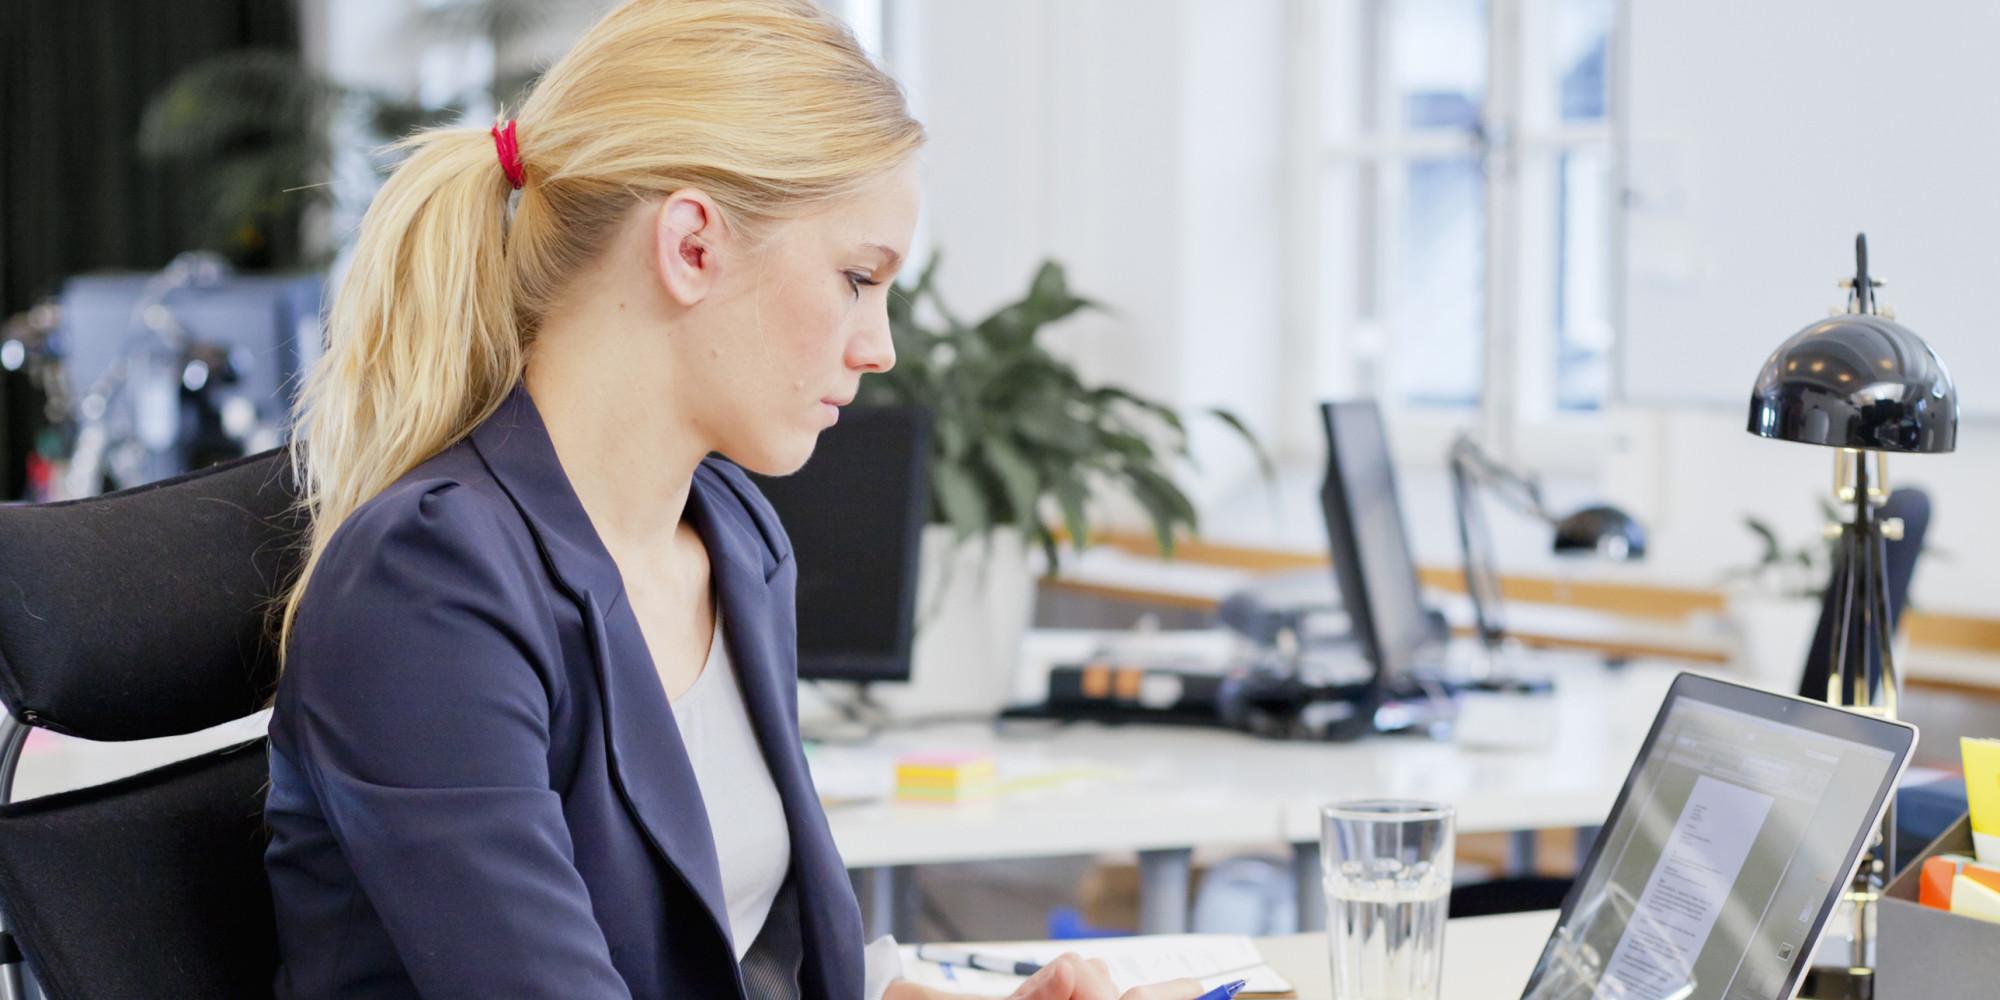 o-PRETTY-WOMAN-DESK-OFFICE-facebook Saat Jenuh dengan Pekerjaan, Lakukan 7 Hal Ini Untuk Kembali Mencintai Profesimu